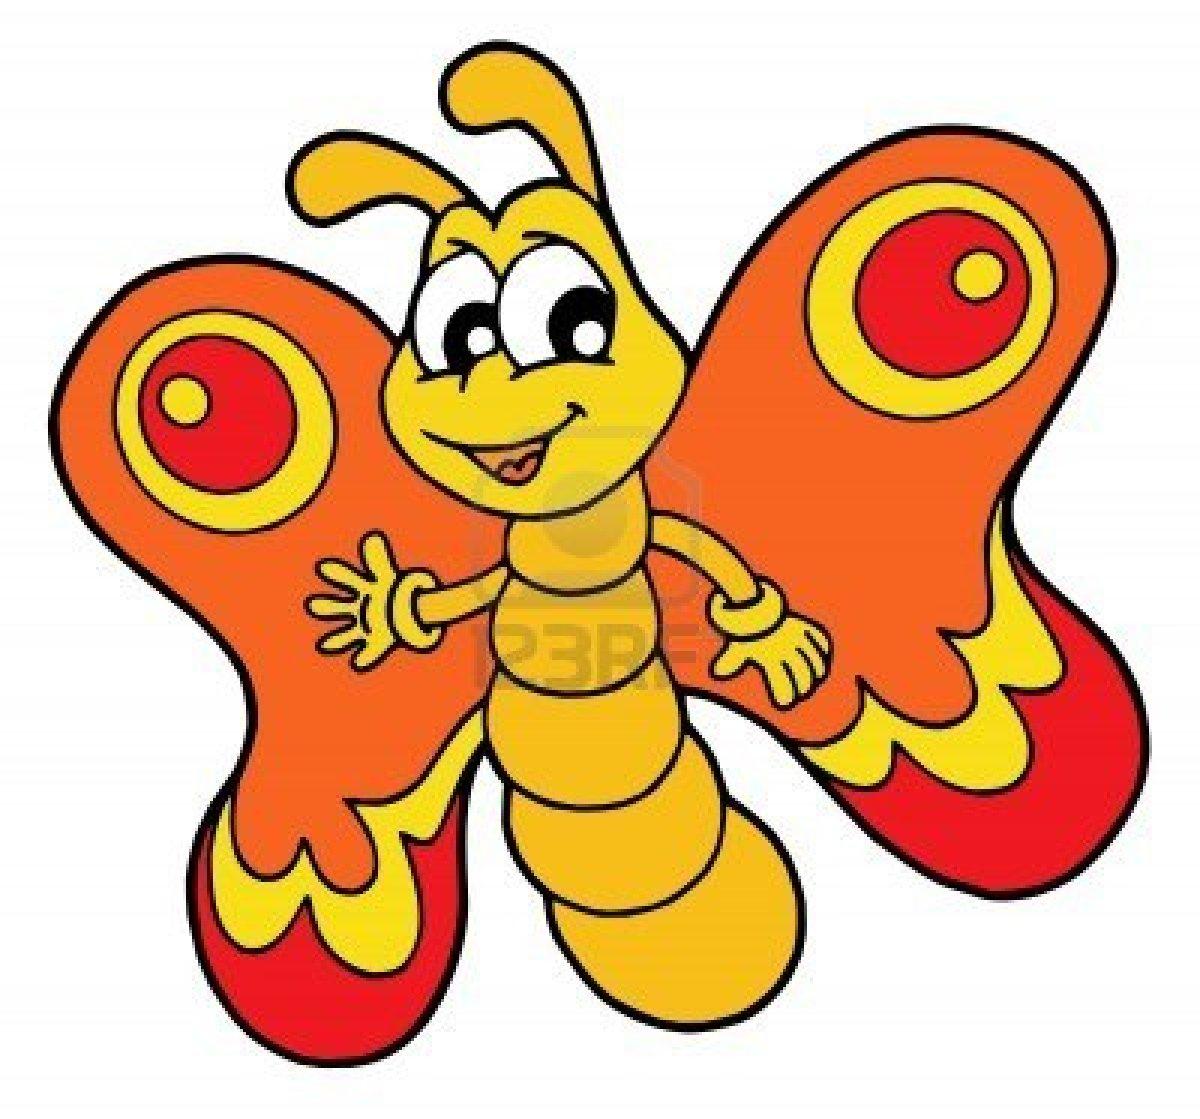 Dessins En Couleurs À Imprimer : Papillon, Numéro : 165866 destiné Papillon À Dessiner